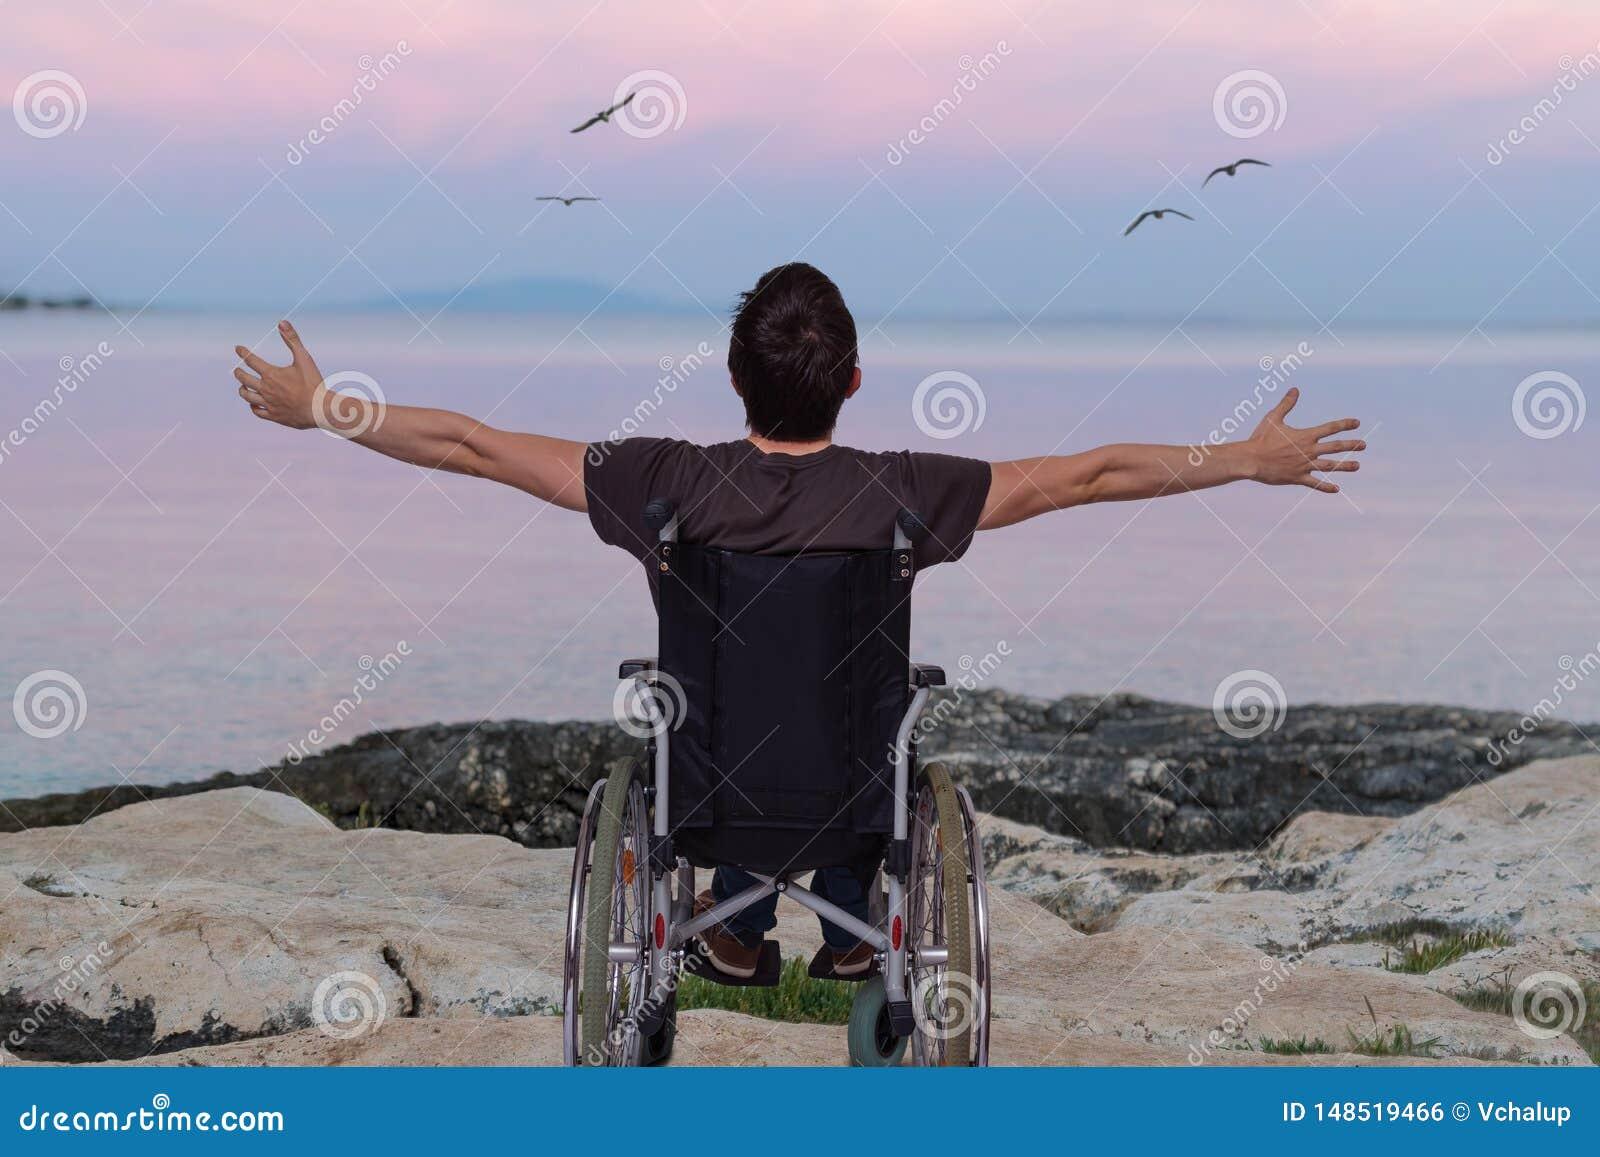 Με ειδικές ανάγκες άτομο στην αναπηρική καρέκλα κοντά στην παραλία στο ηλιοβασίλεμα